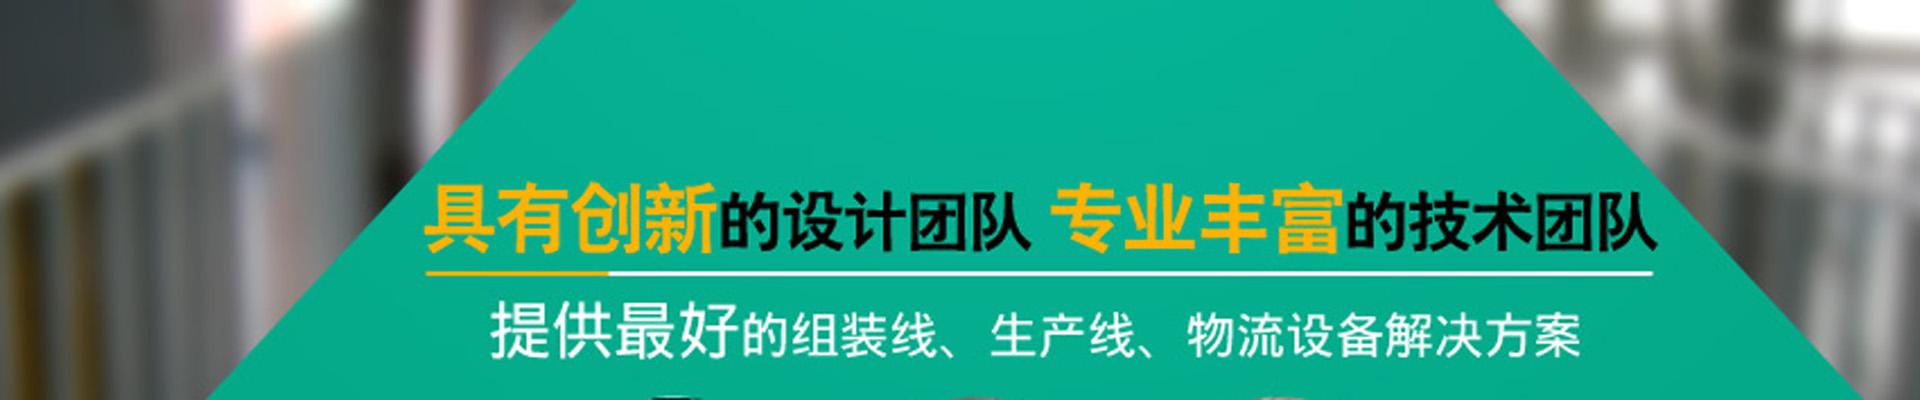 东莞市弘向自动化科技有限公司